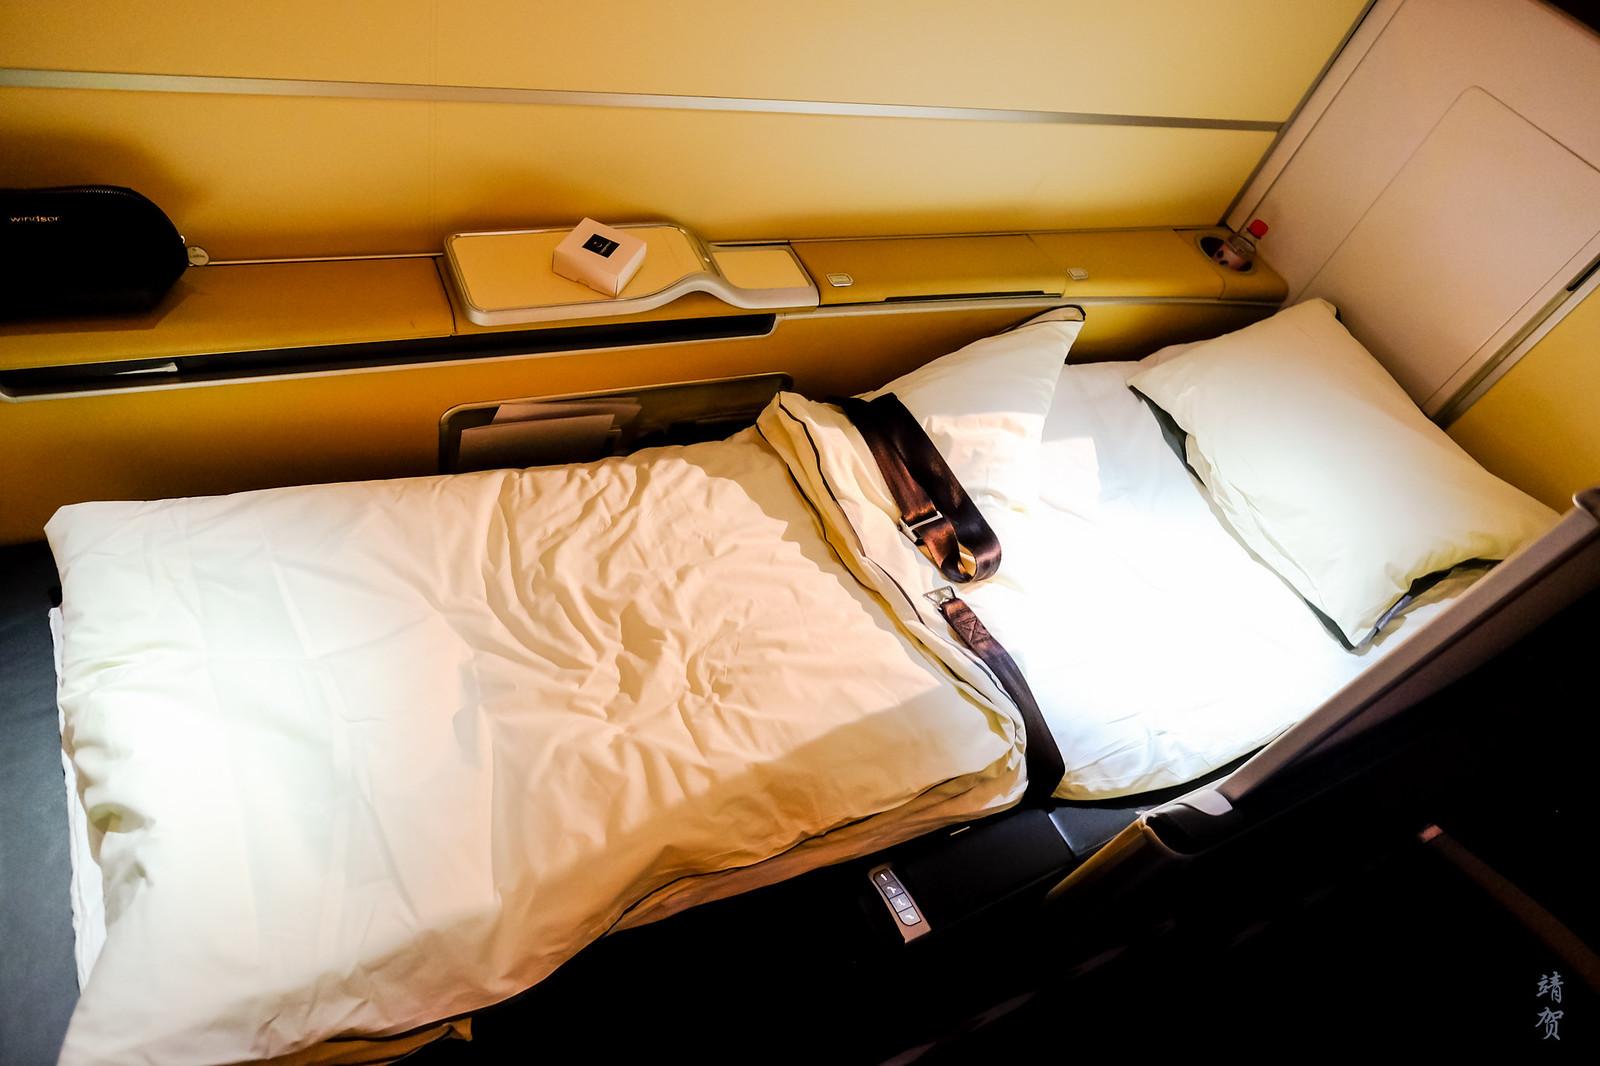 Sleeping suite